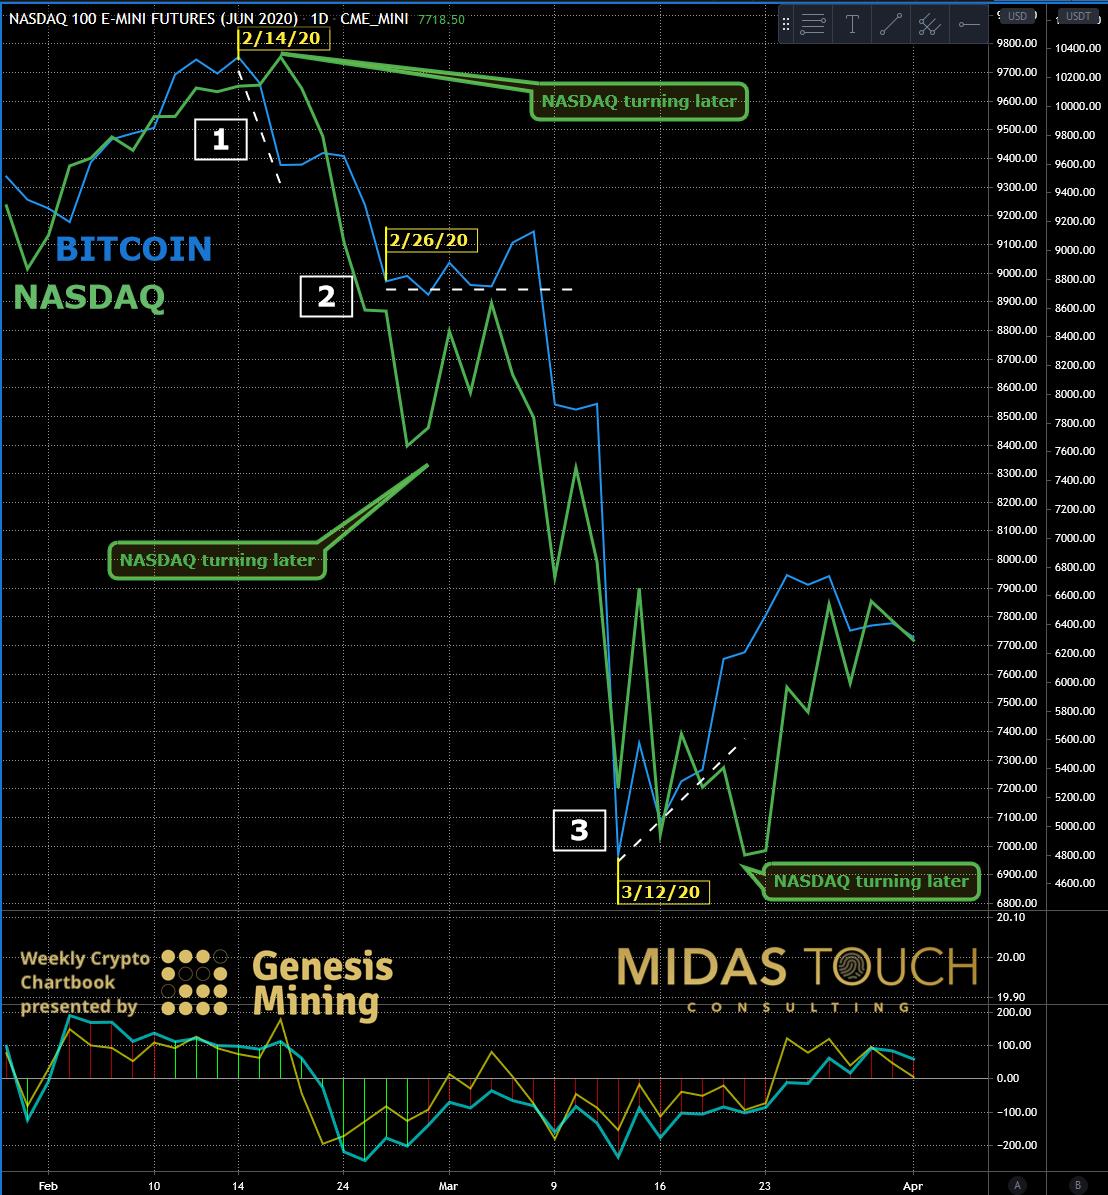 NASDAQ 100 Futures Versus BTC Daily Chart